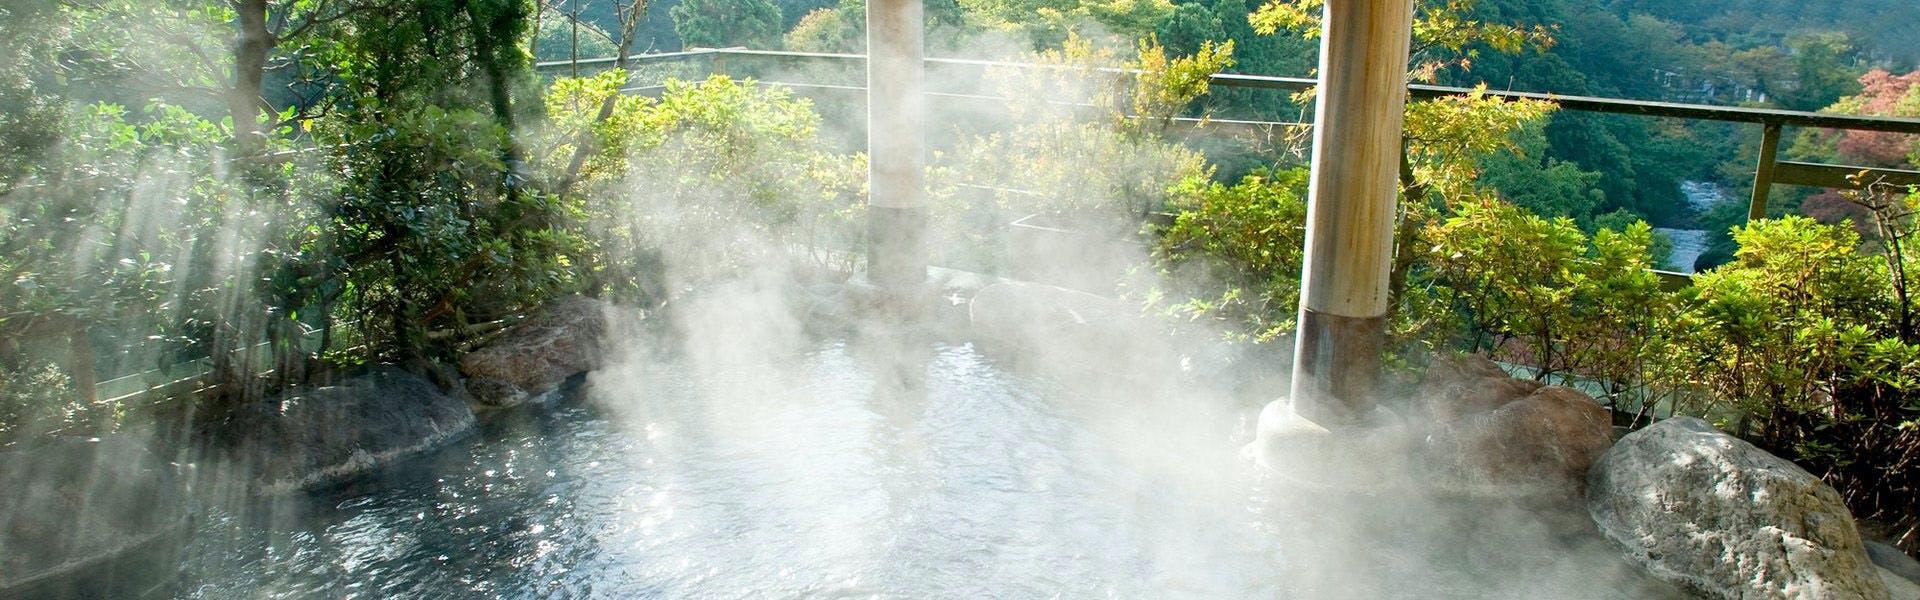 記念日におすすめのホテル・山中温泉 花紫の写真3